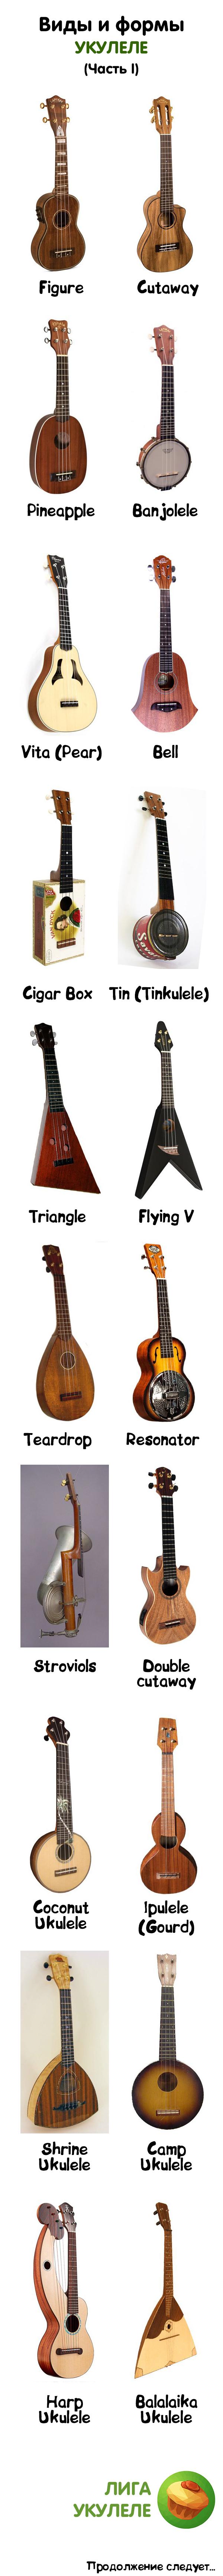 Виды и формы укулеле - Часть 1 Укулеле, Гавайская гитара, Длиннопост, Гитара, Картинки, Музыкальные инструменты